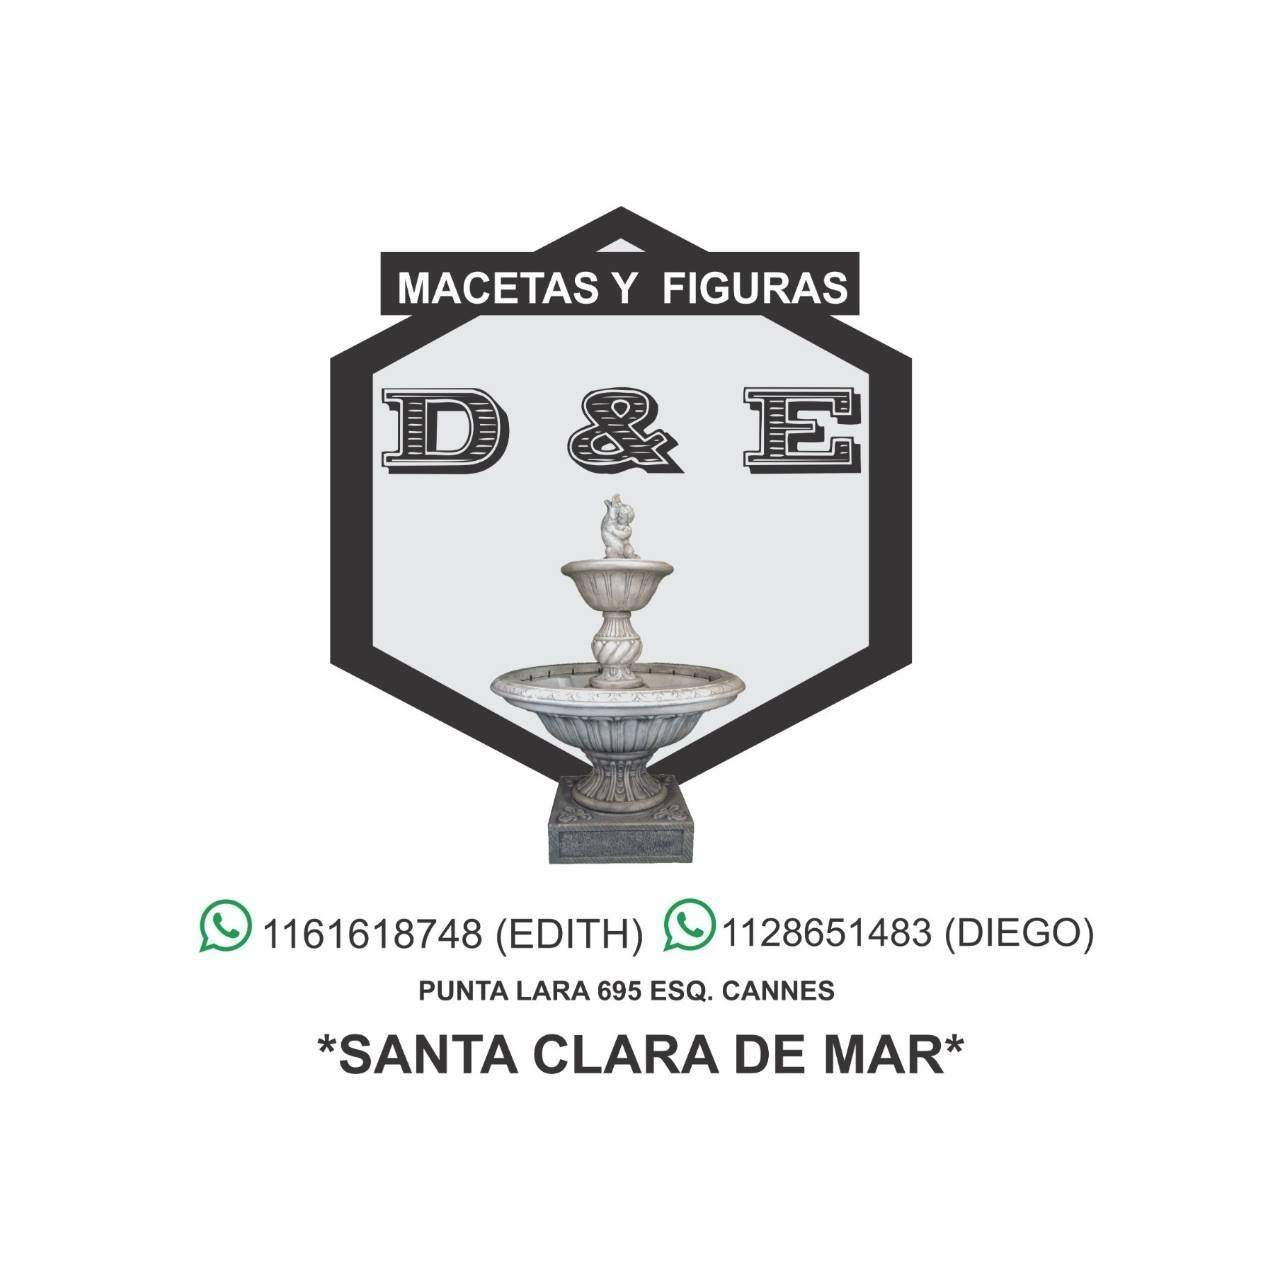 Macetas D & E